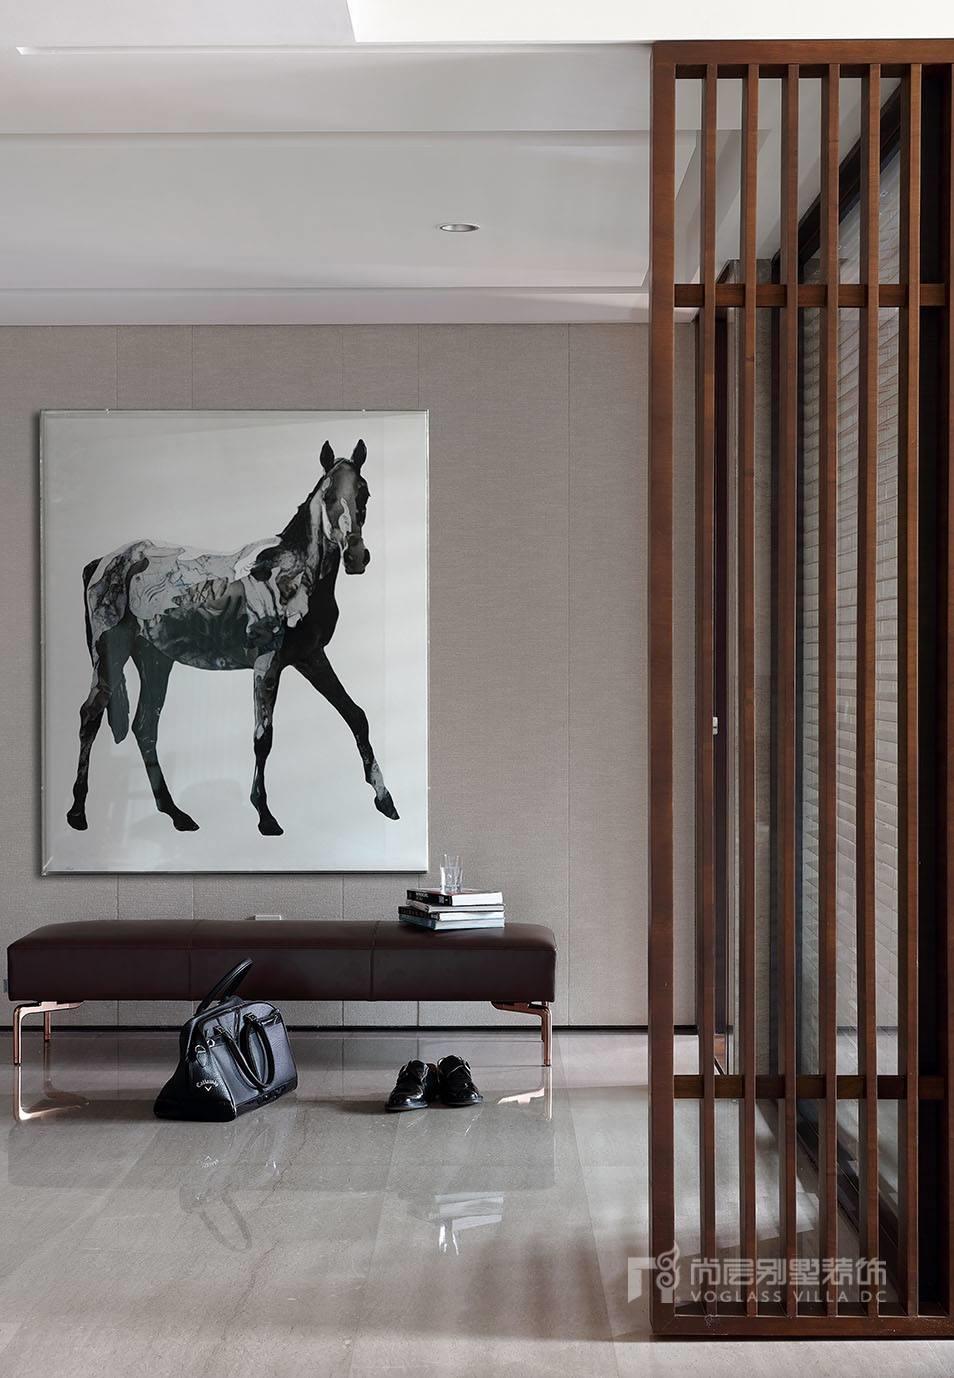 280㎡现代简约高端别墅装饰实景案例夏梦  项目面积:280m² 设计风格:现代简约 预约设计商务洽谈18120046661【可加微信】 嘈杂的城市充斥着快节奏的人群,回到家中却需要一丝宁静与安逸。 生活品质就是如此简单,它不是从与别人比较中来的,而是自己人格与风格求好精神的表现。